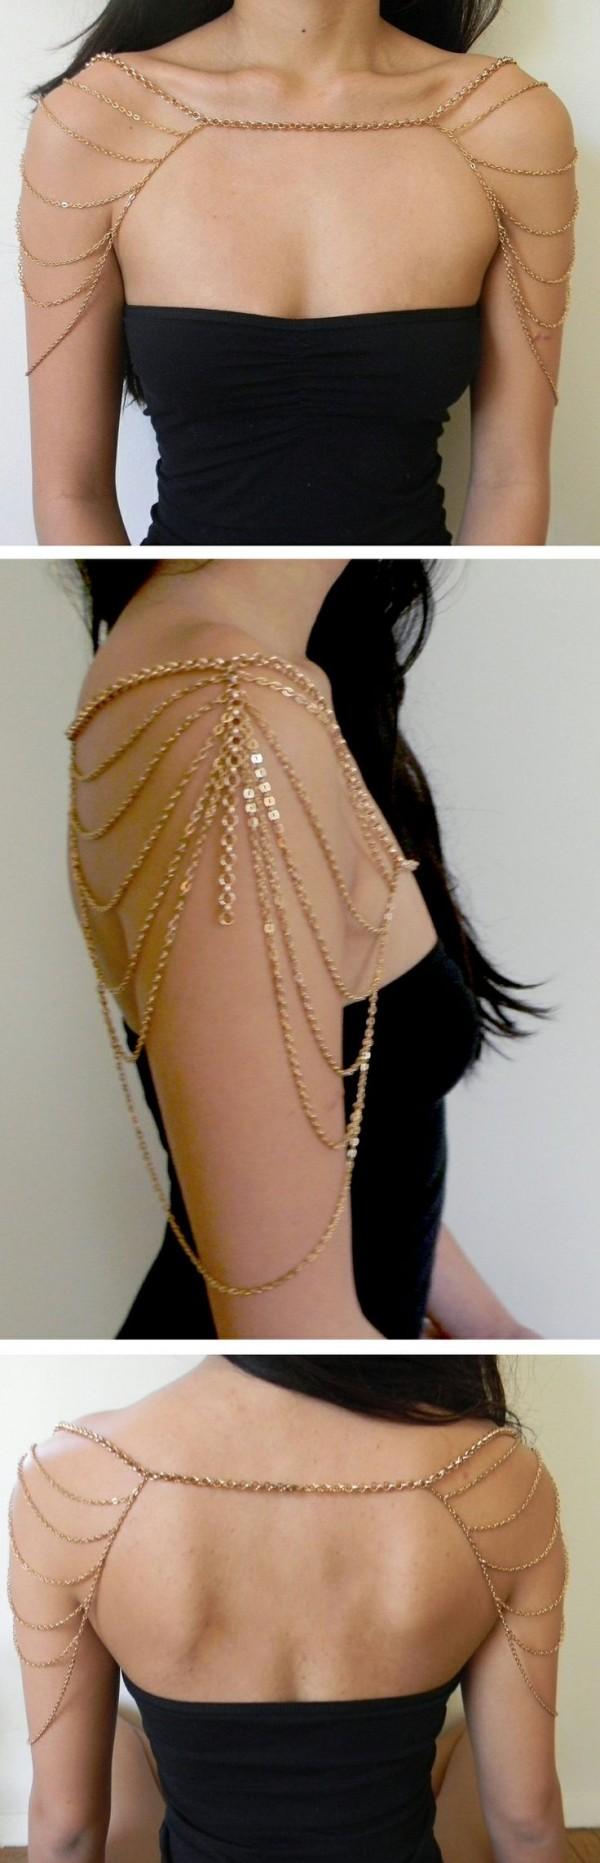 Body jewelry13